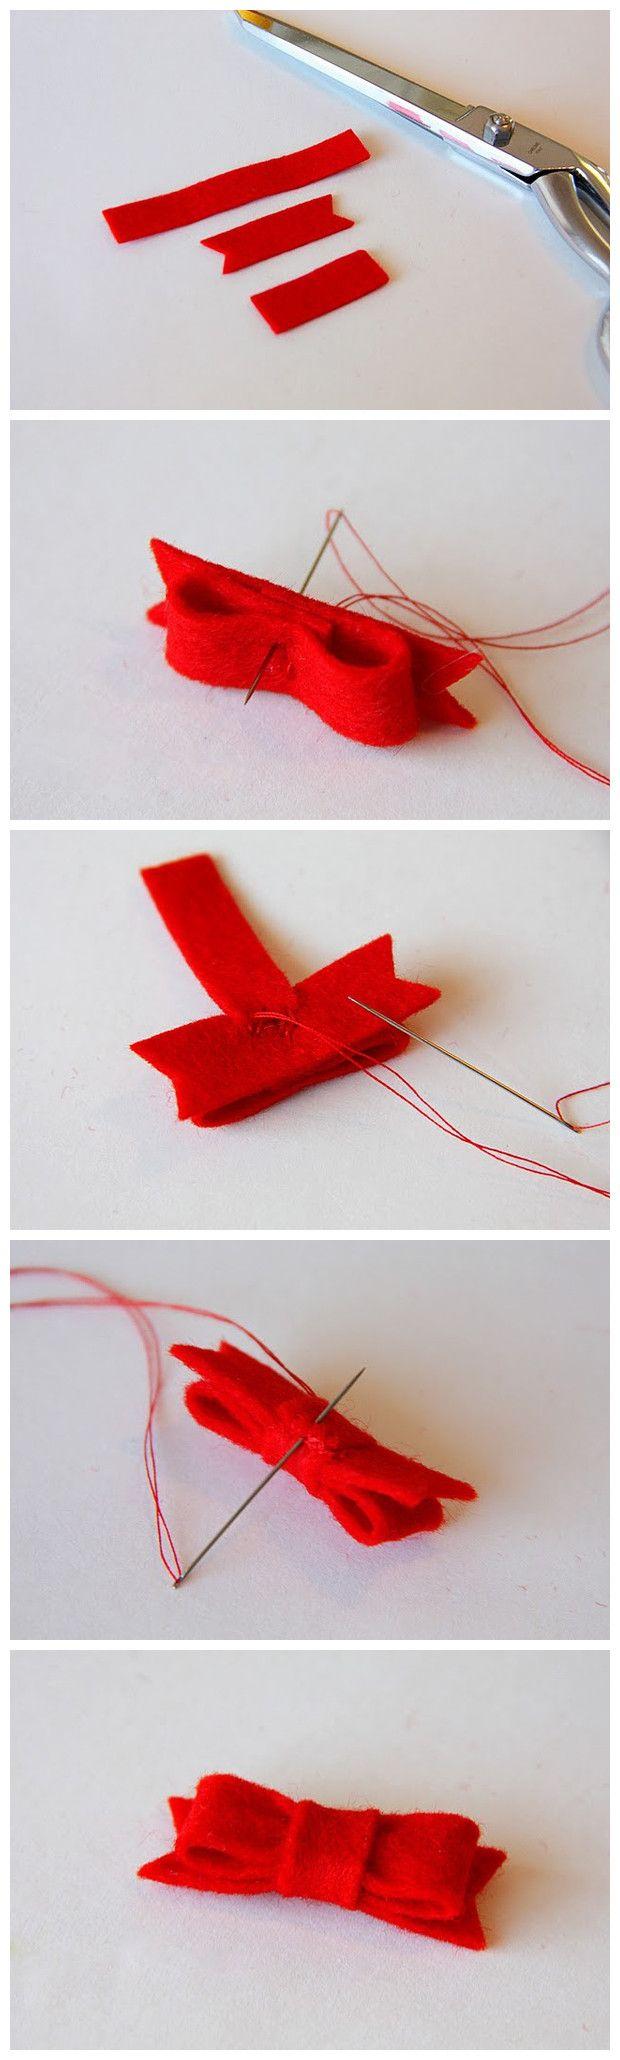 10. Cómo hacer moños de tela